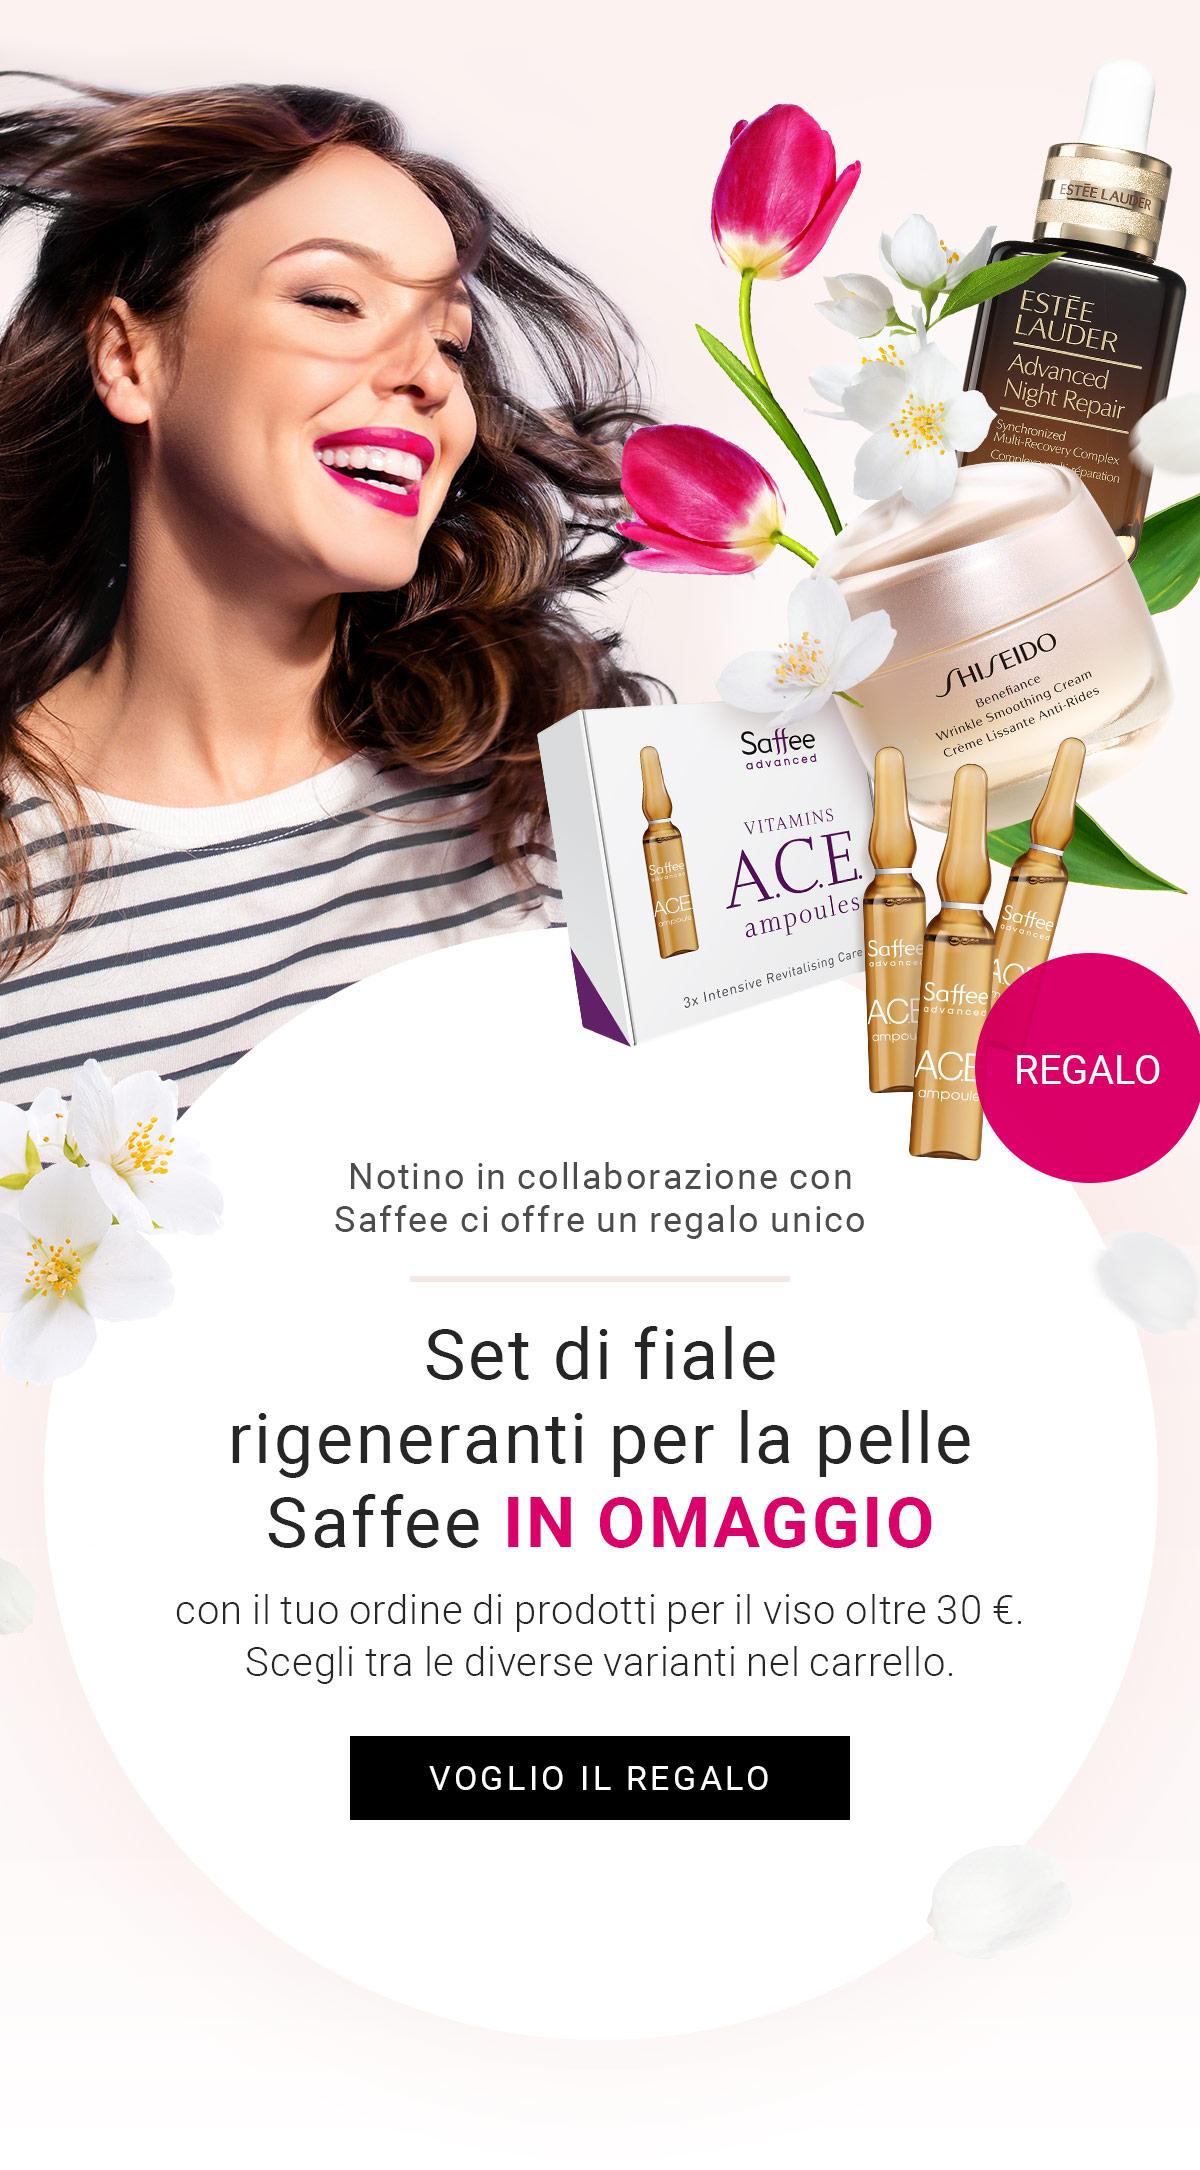 Set di fiale rigeneranti per la pelle Saffee in omaggio con il tuo ordine di prodotti per il viso oltre 30 €